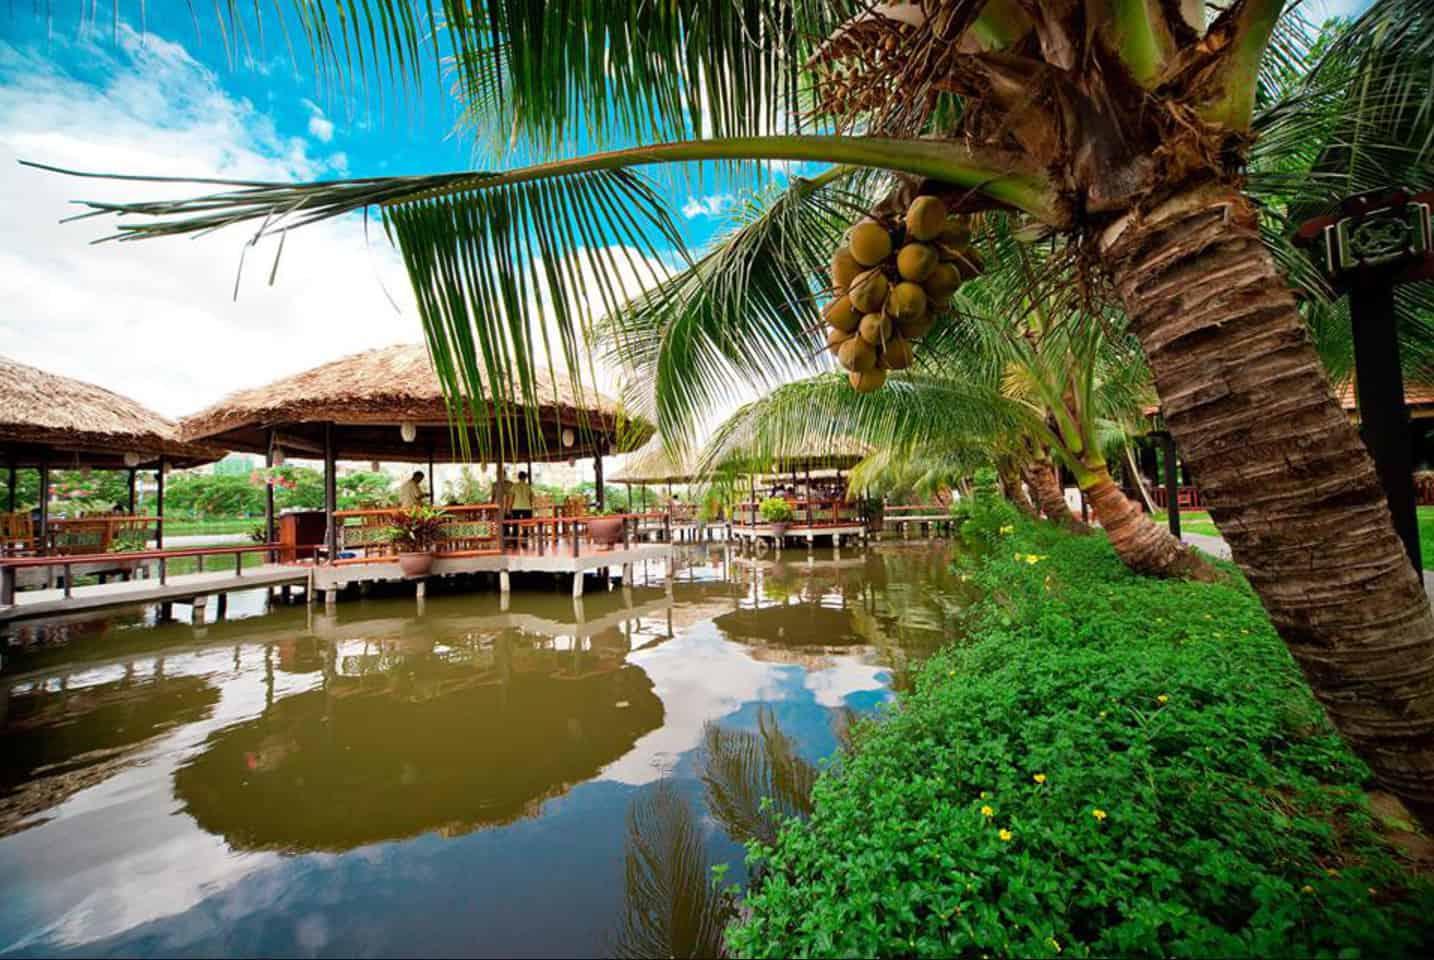 Thảo nguyên xanh giữa lòng Sài Gòn